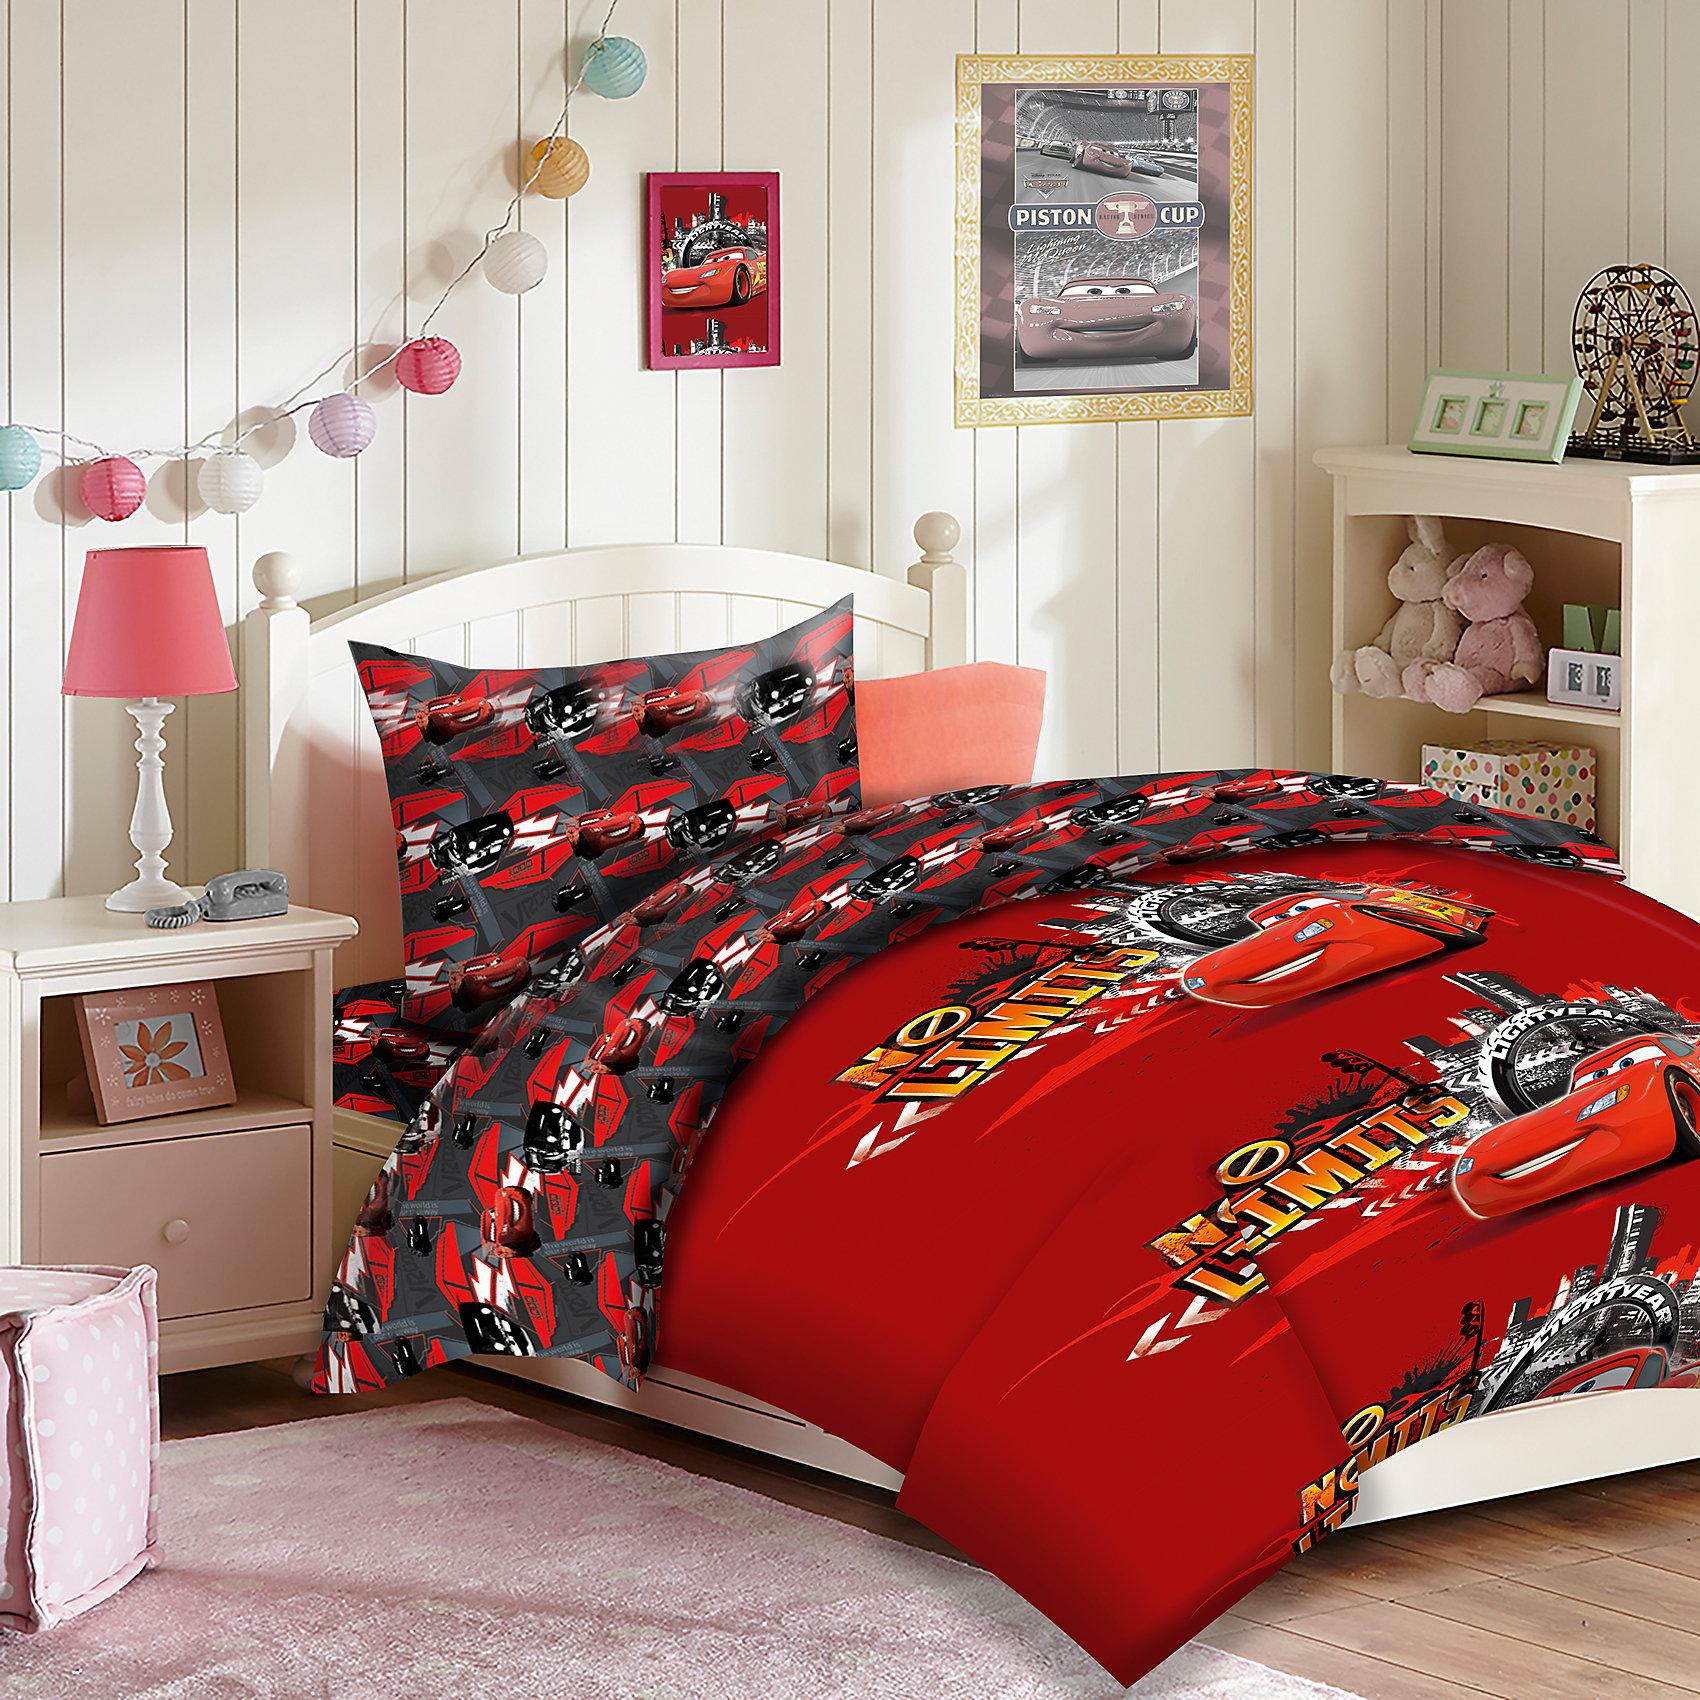 Постельное белье детское Тачки, 50х70 см., Mona LizaДомашний текстиль<br>Mona Liza, Комплект постельного белья Тачки<br><br>Характеристики постельного белья:<br><br>• размер: 1,5-спальное;<br>• тип переплетения: полотняное;<br>• материал: бязь;<br>• состав ткани: 100% хлопок, 115гр/м2;<br>• тип застежки, пододеяльник: пуговицы;<br>• тип застежки, наволочка: входной клапан;<br>• тип упаковки: пакет ПВХ.<br><br>Размеры предметов:<br><br>• пододеяльник: 145х210 см;<br>• простынь без шва, обычная: 150х215 см;<br>• наволочка, 1 шт.: 50х70 см.<br><br>Детское постельное белье для мальчиков «Тачки» изготовлено из бязи. Данный материал обладает высокой воздухопроницаемостью, неприхотлив в уходе. Хлопковые ткани собственного производства от бренда Mona Liza изготавливаются на российских фабриках. <br><br>Постельное белье 1,5 сп. Тачки 2016, Mona Liza можно купить в нашем интернет-магазине.<br><br>Ширина мм: 290<br>Глубина мм: 70<br>Высота мм: 370<br>Вес г: 1450<br>Возраст от месяцев: 36<br>Возраст до месяцев: 144<br>Пол: Мужской<br>Возраст: Детский<br>SKU: 4915260